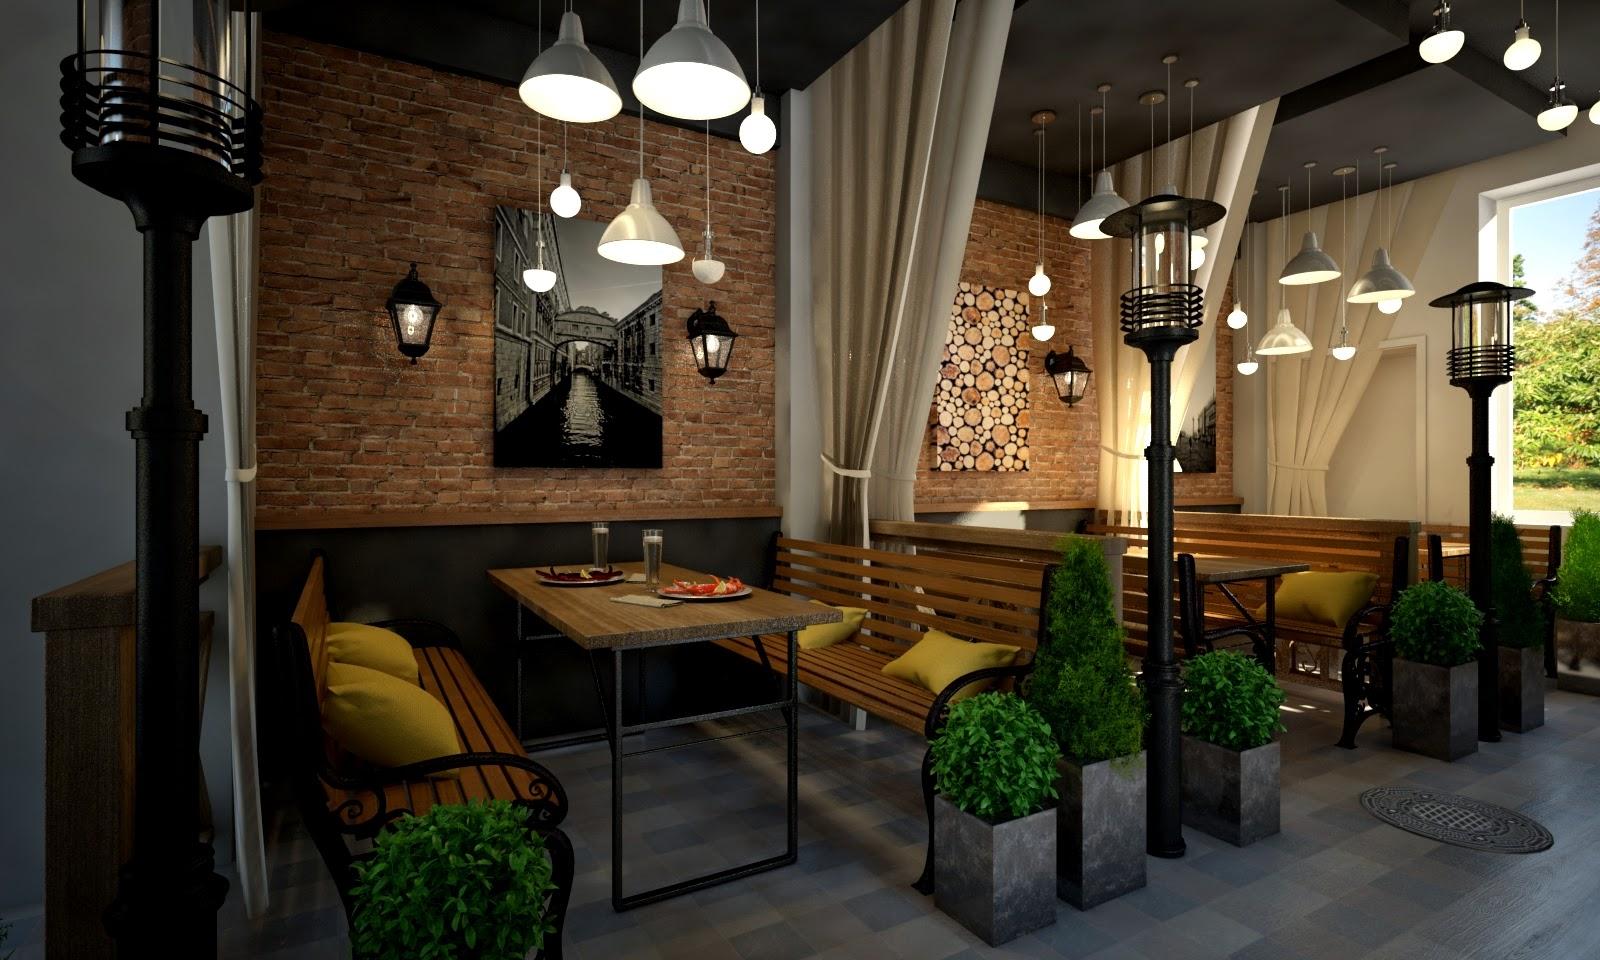 Фотогалерея ШАТО: дизайн интерьеров квартир, магазинов